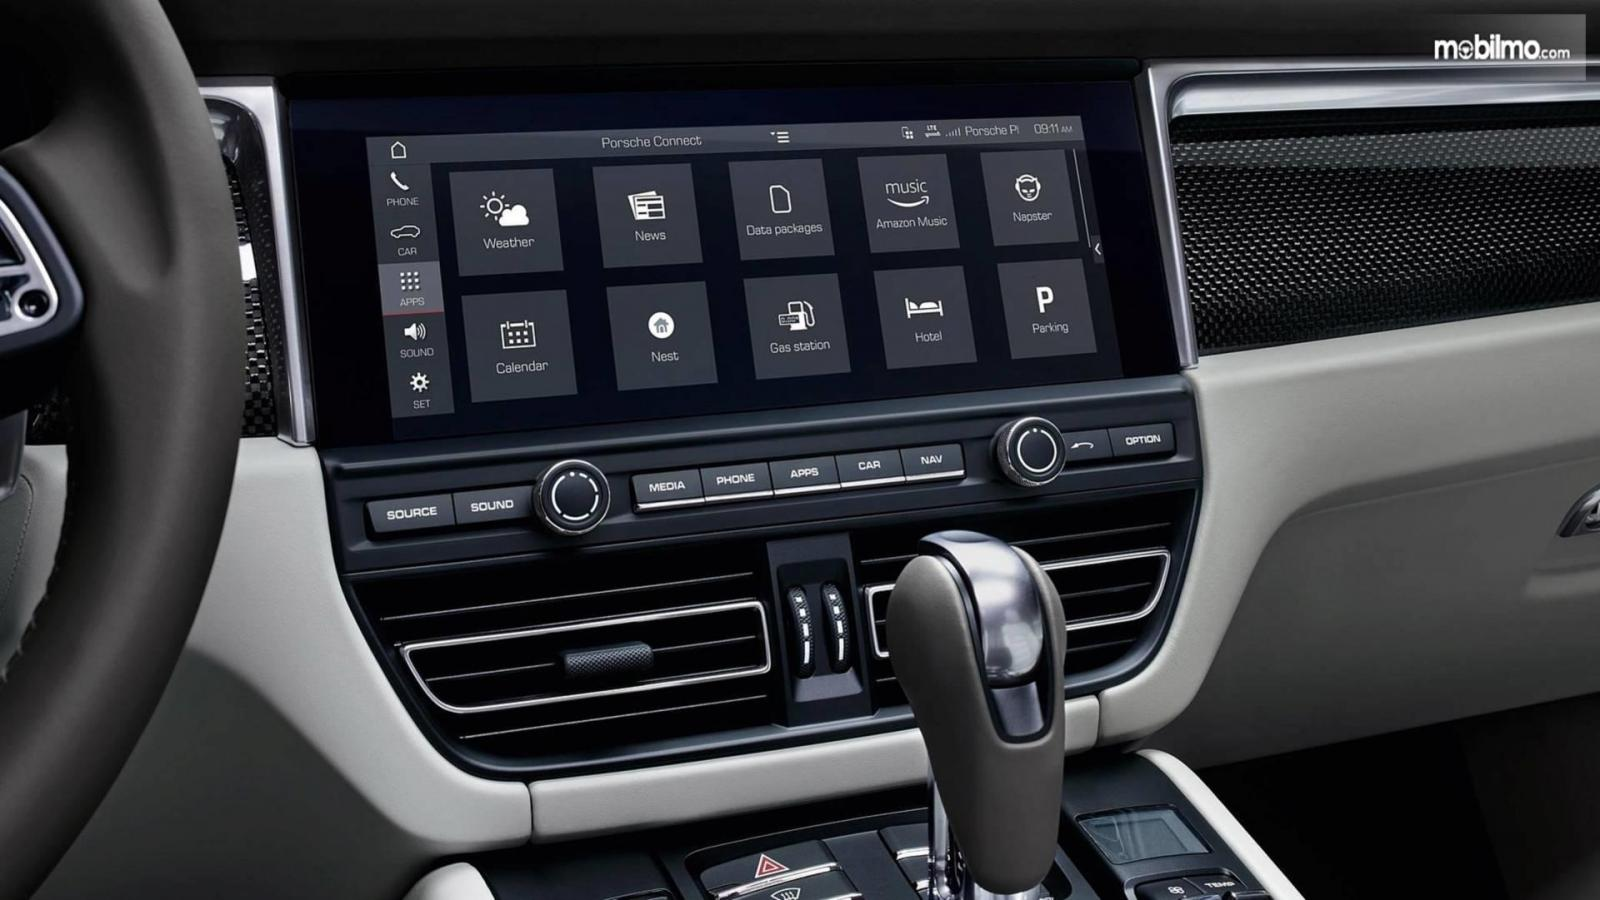 Gambar sistem infotainment Porsche Macan 2019